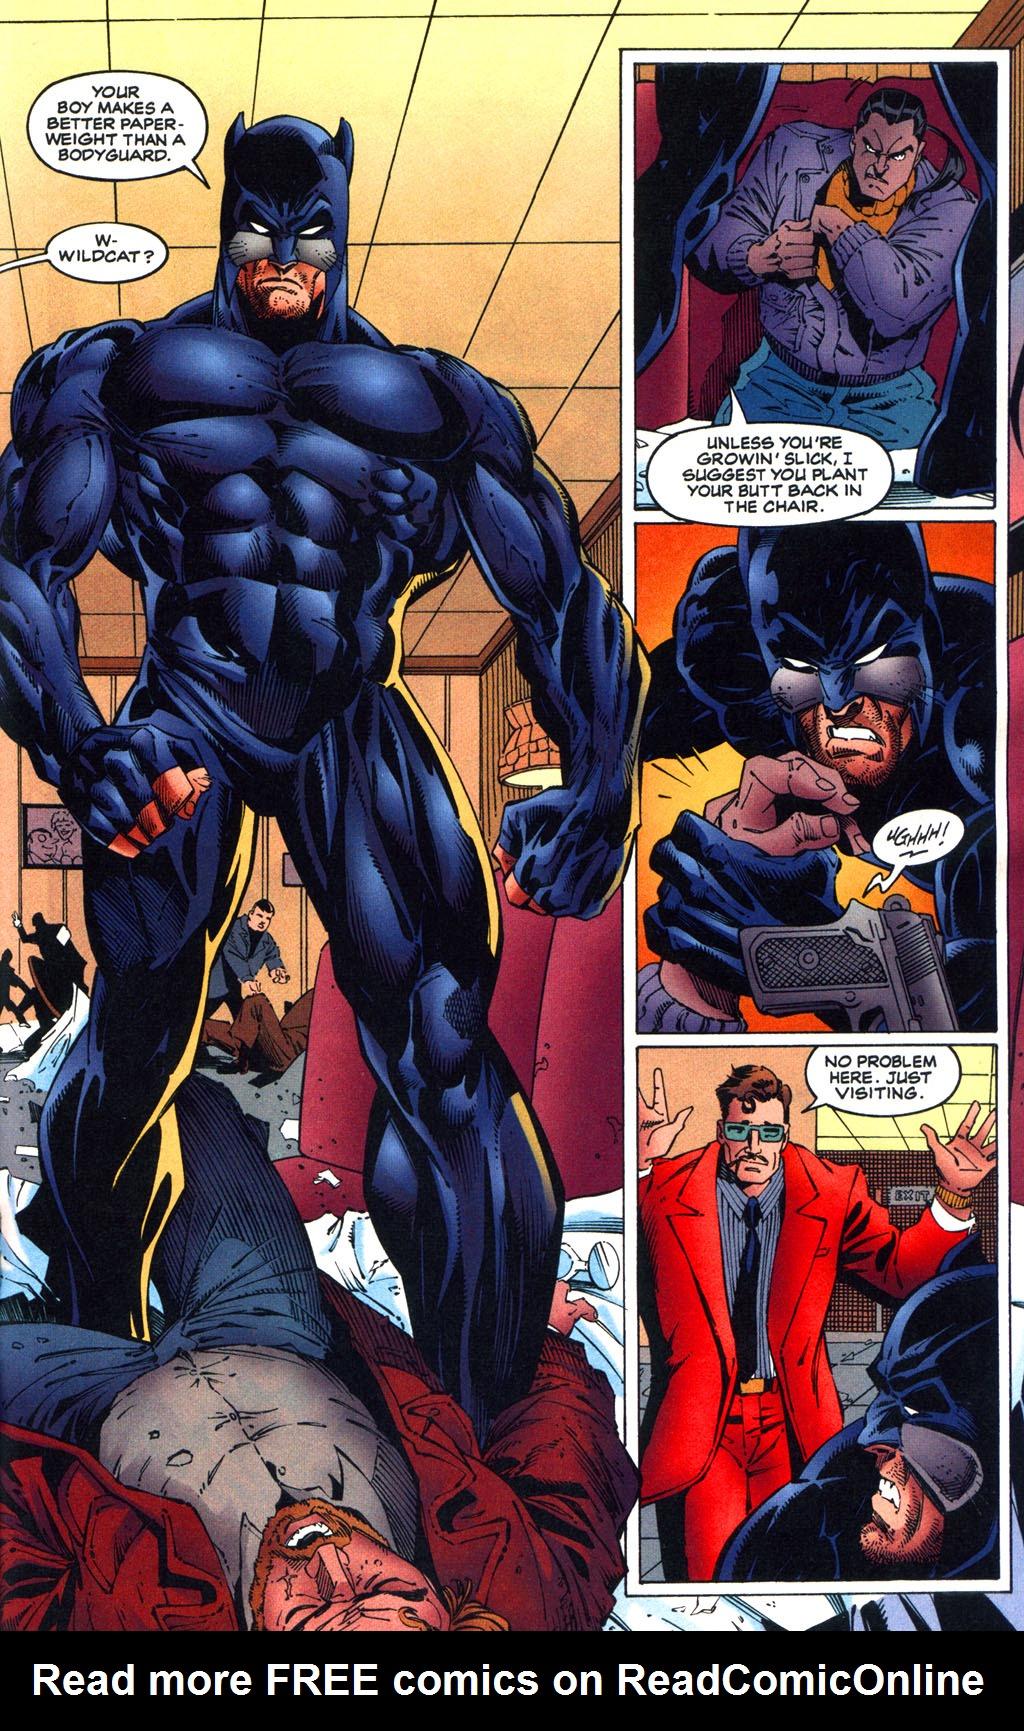 Read online Batman/Wildcat comic -  Issue #1 - 13